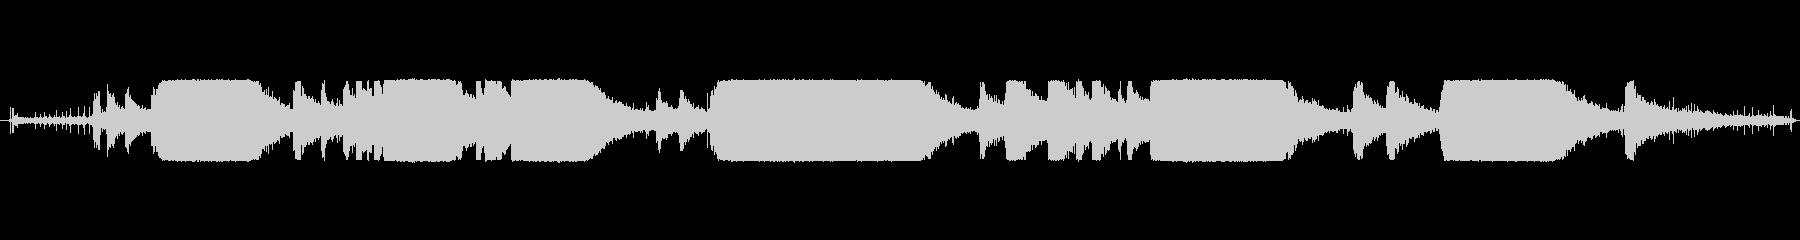 チェーンソー-起動、実行、オフの未再生の波形